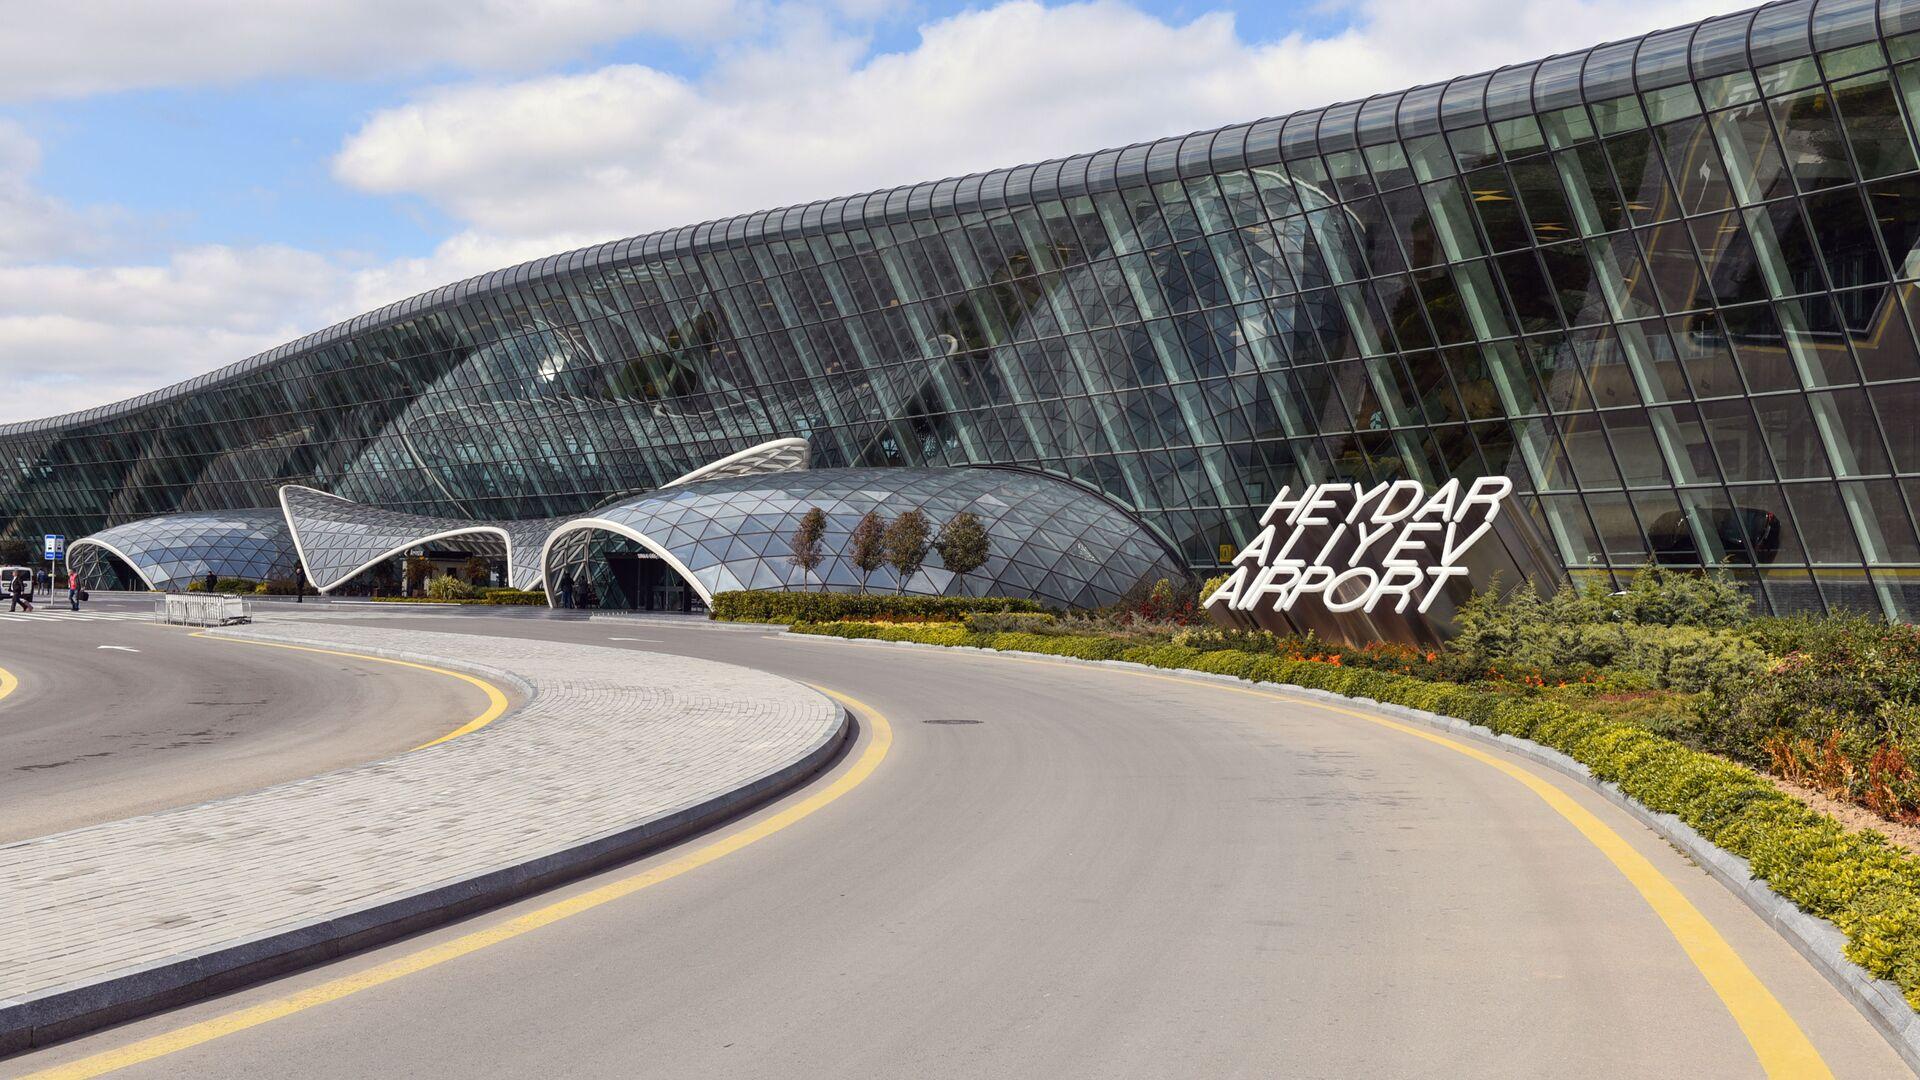 1551693241 0:160:3072:1888 1920x0 80 0 0 3ac52da5e50b99e3e68b5ecd74e8b177 - В Баку ограничили работу аэропорта из-за введения военного положения